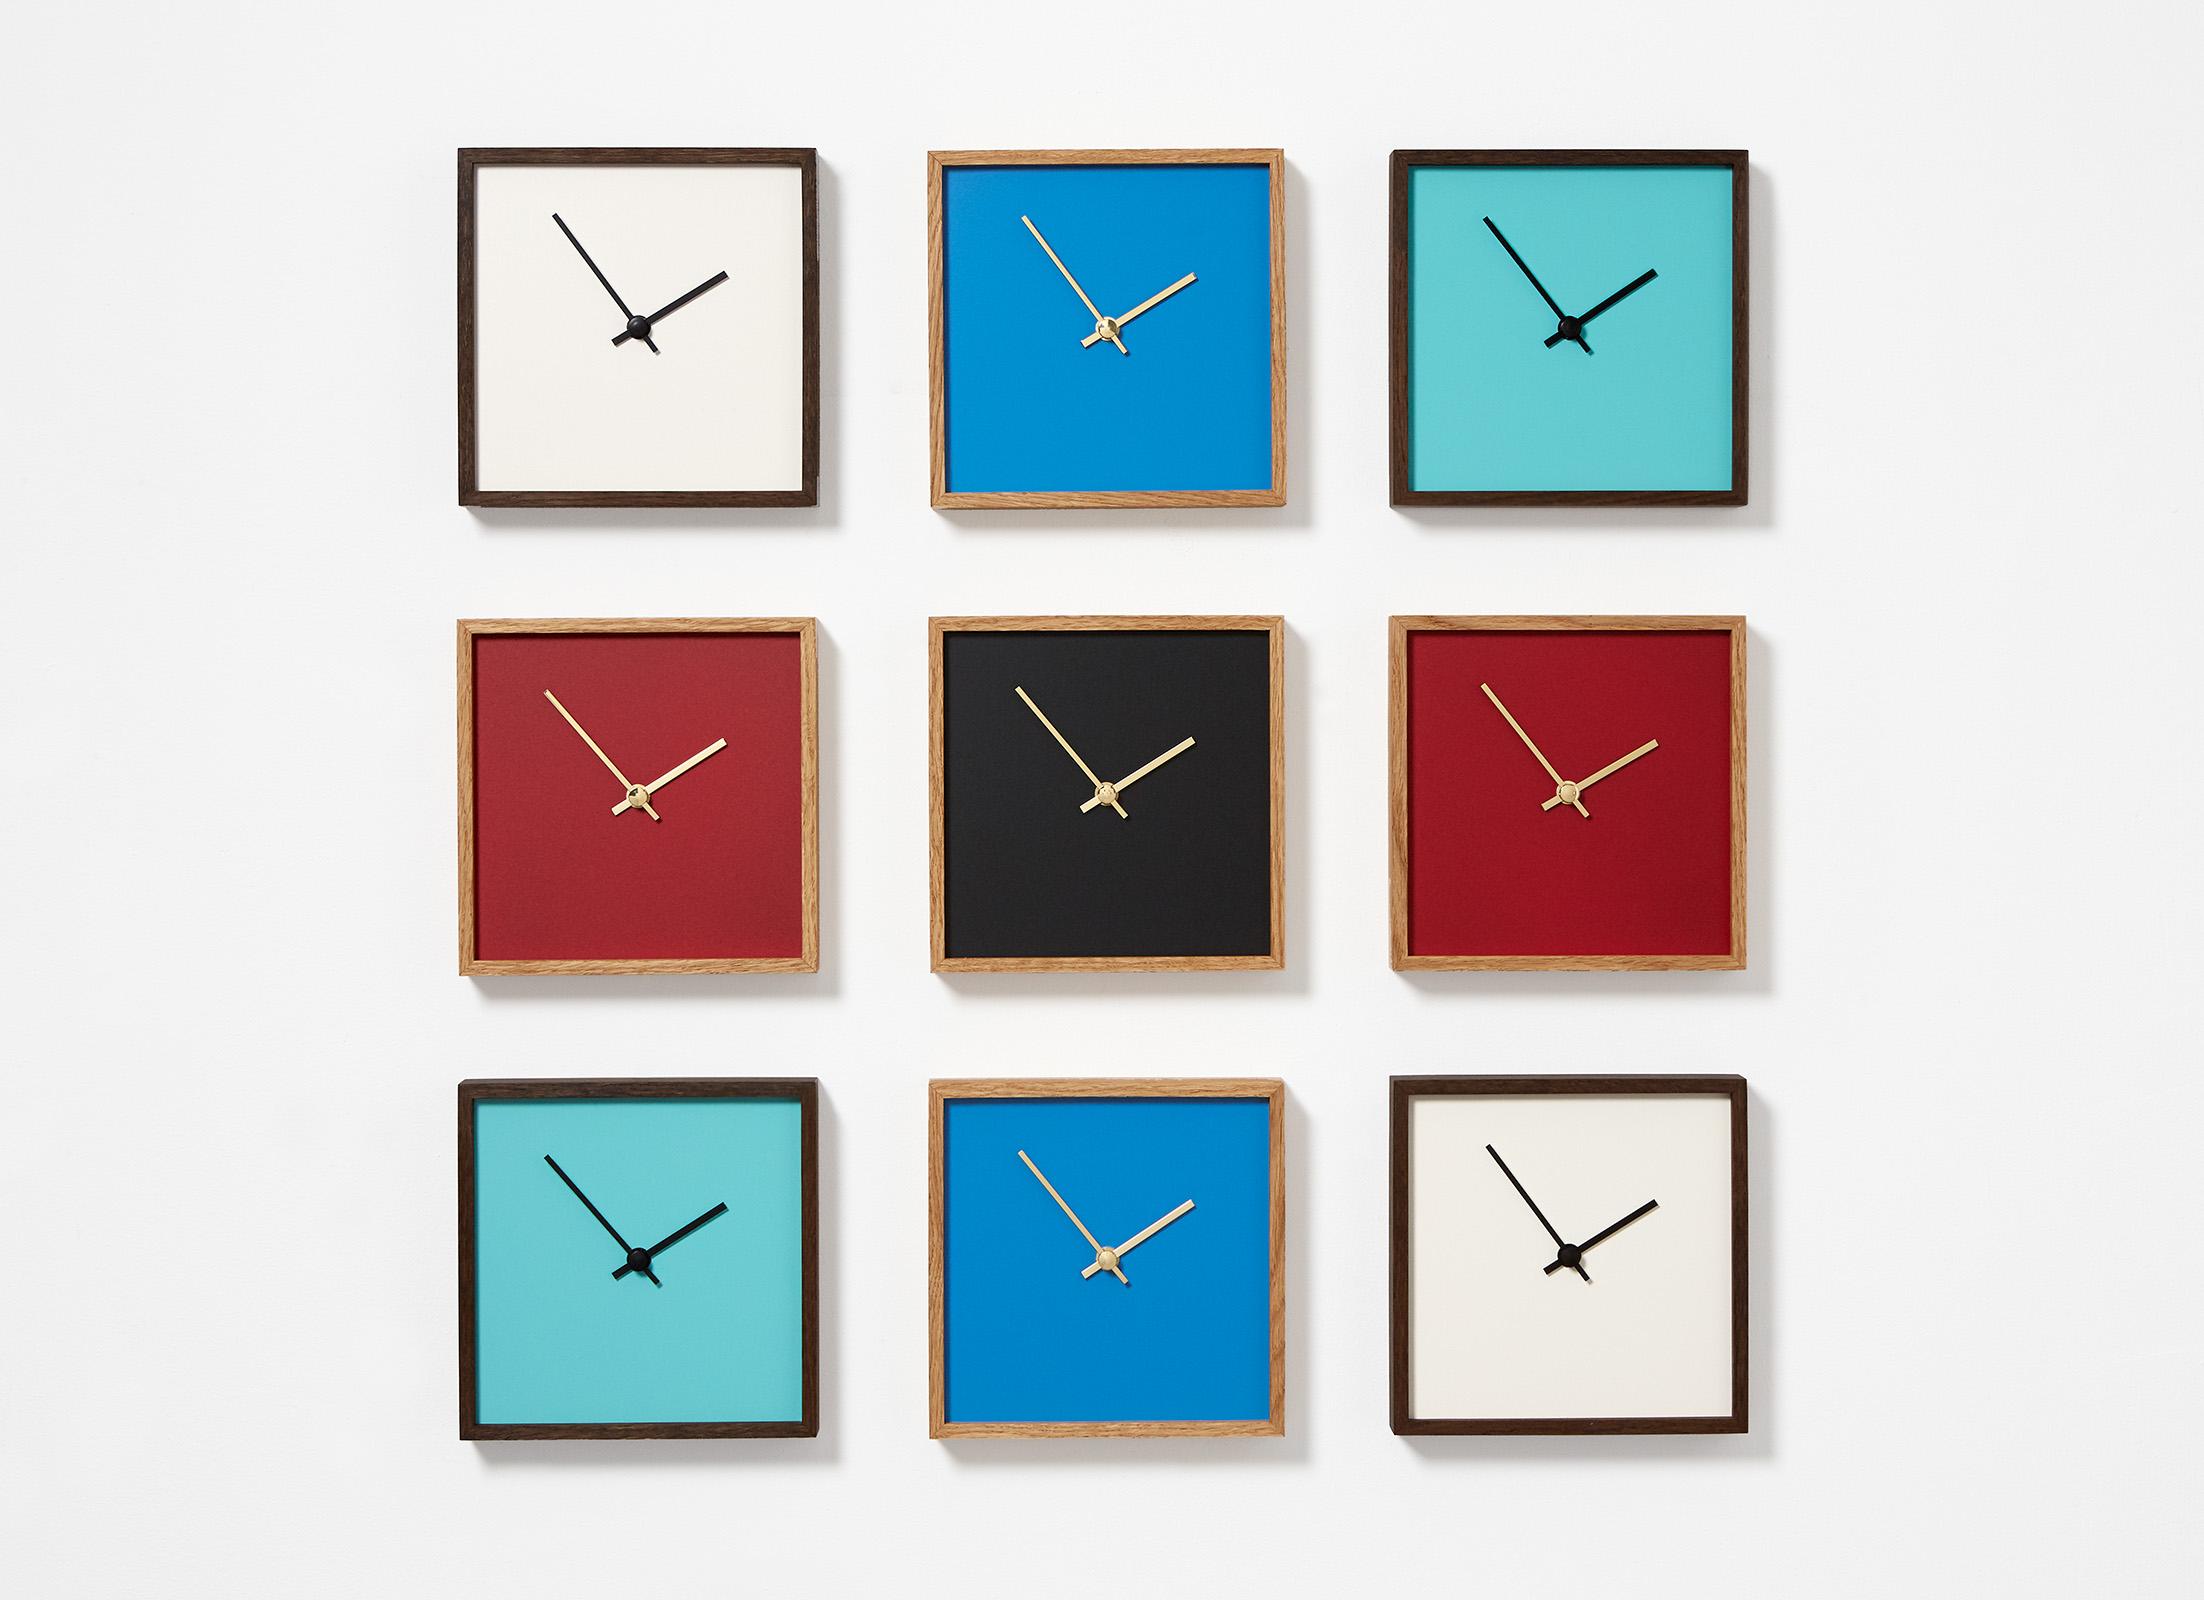 """Tabletop-Fotoaufnahmen von Design-Objekten: """"The Square"""" Wand- und Standuhr hergestellt von Constantin Lindner // www.constantin-lindner.de"""